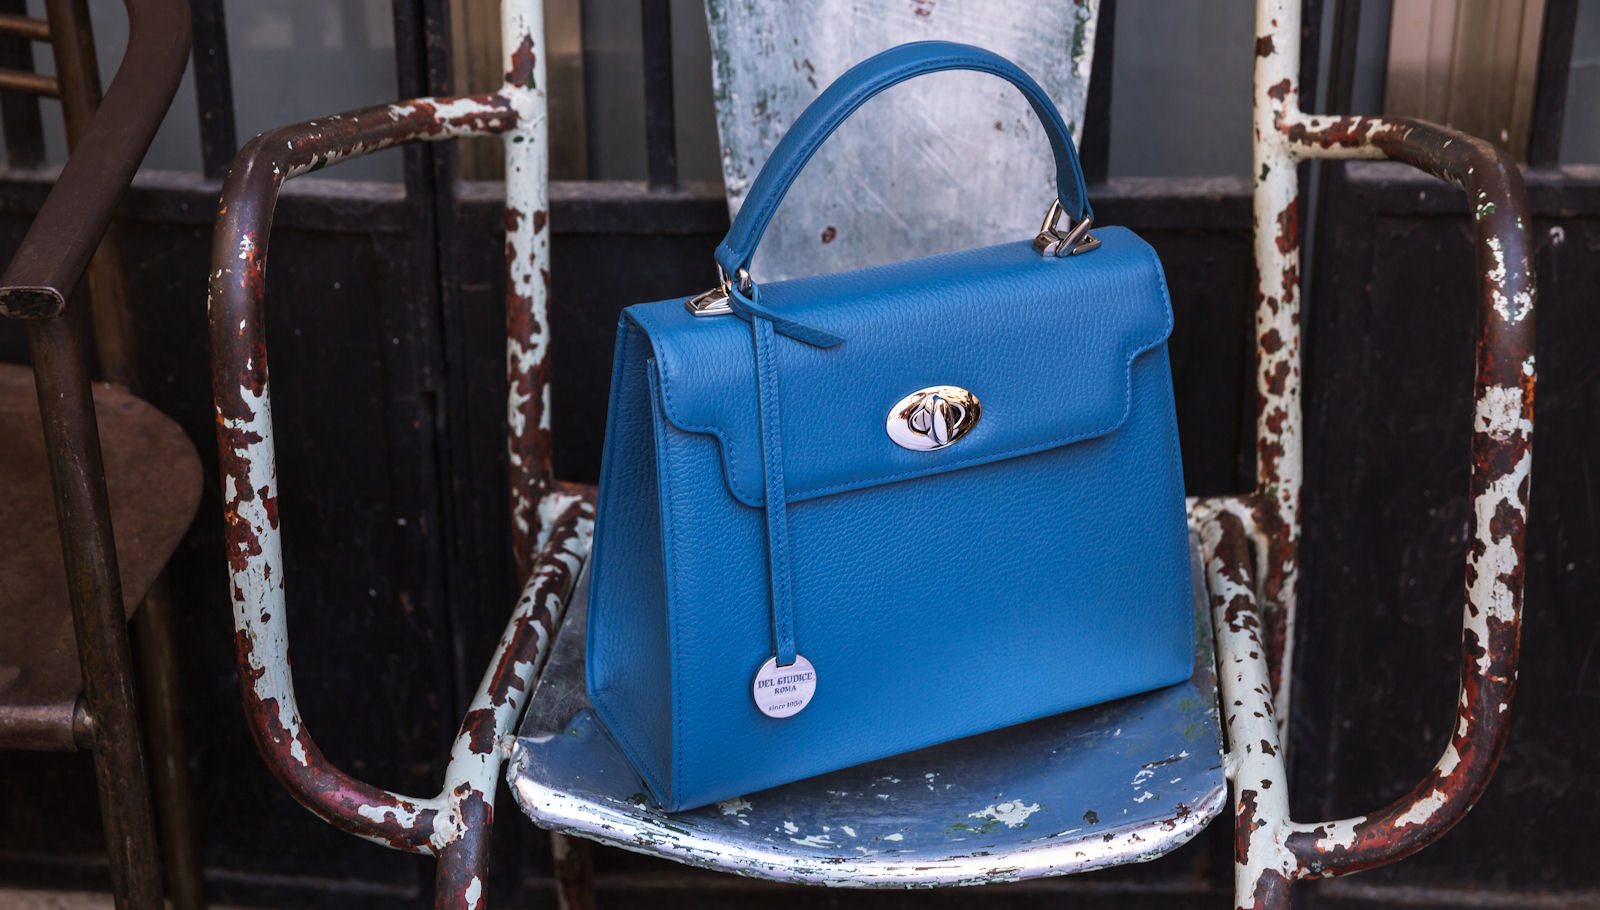 Leather handbag - Del Giudice Roma